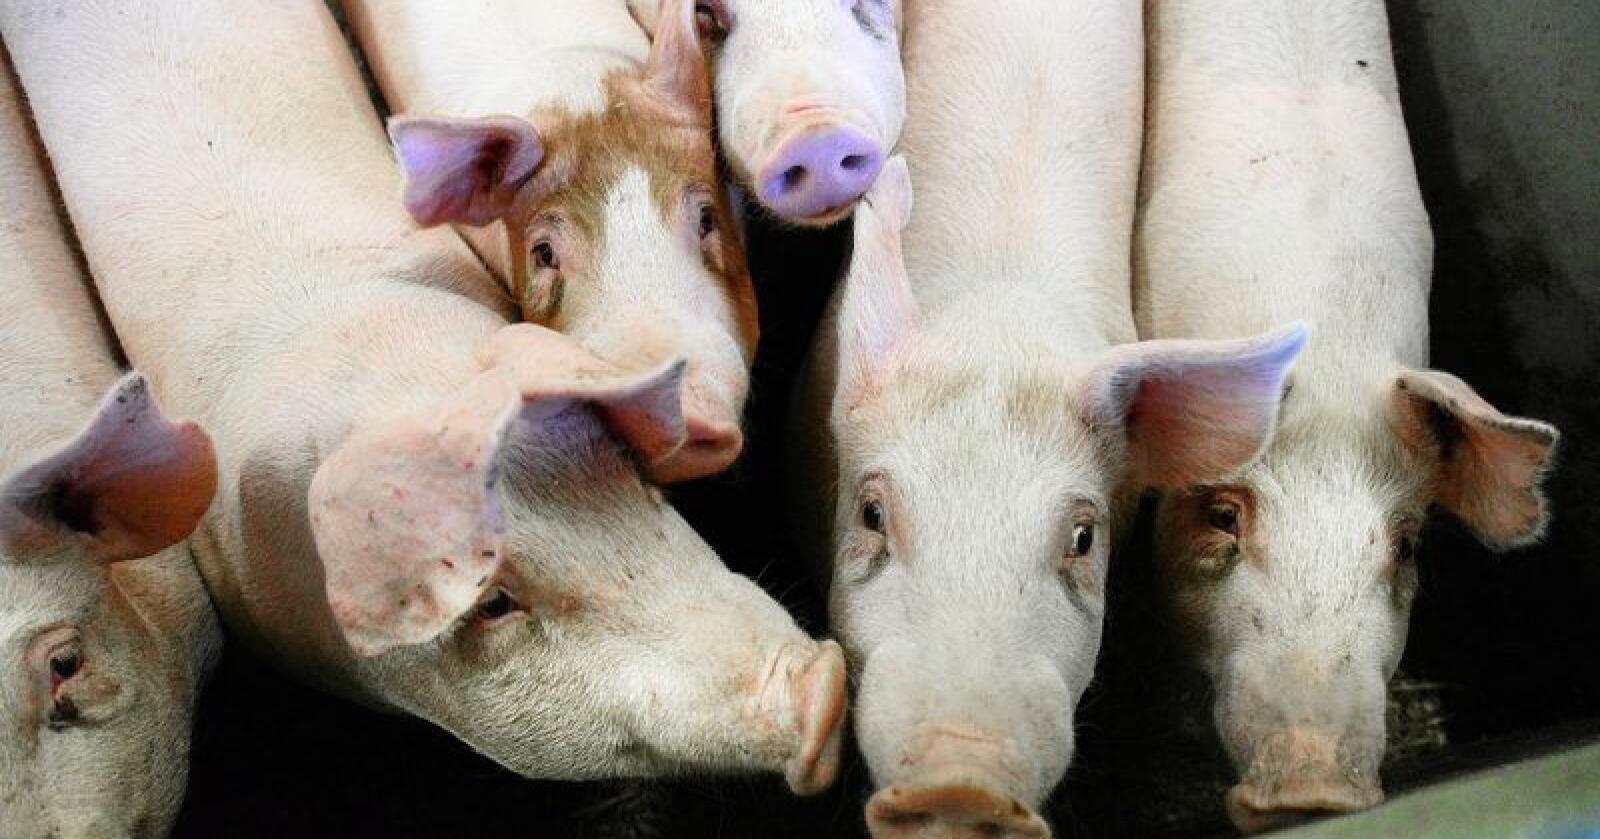 Polen opplever sitt største utbrudd av afrikansk svinepest hittil. Illustrasjonsfoto: Siri Juell Rasmussen